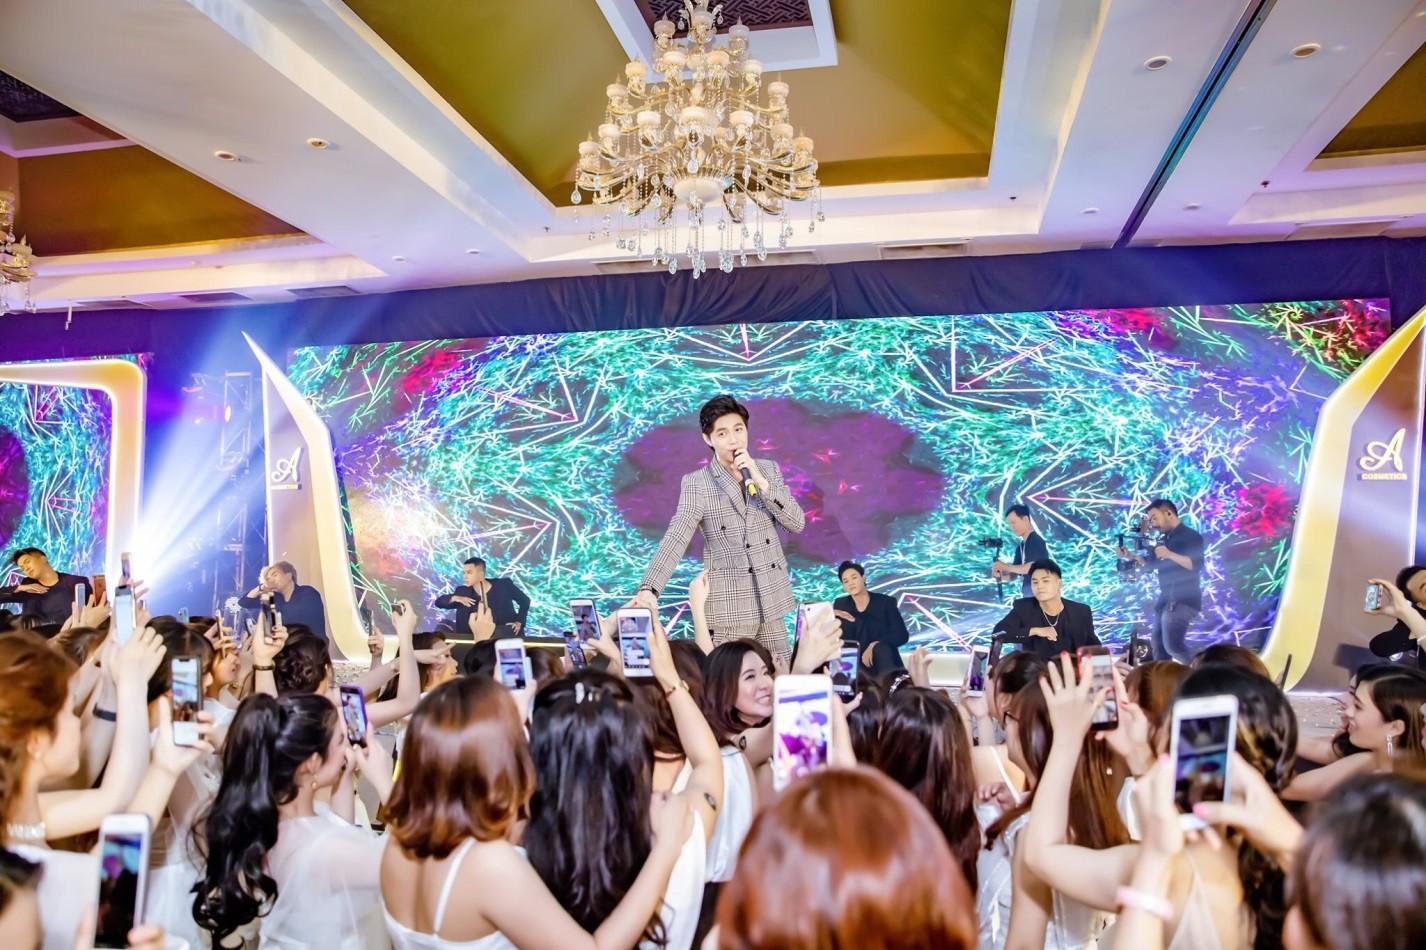 Noo Phước Thịnh, Lê Dương Bảo Lâm, Amee khuấy động sự kiện với những khoảnh khắc thú vị - Ảnh 2.